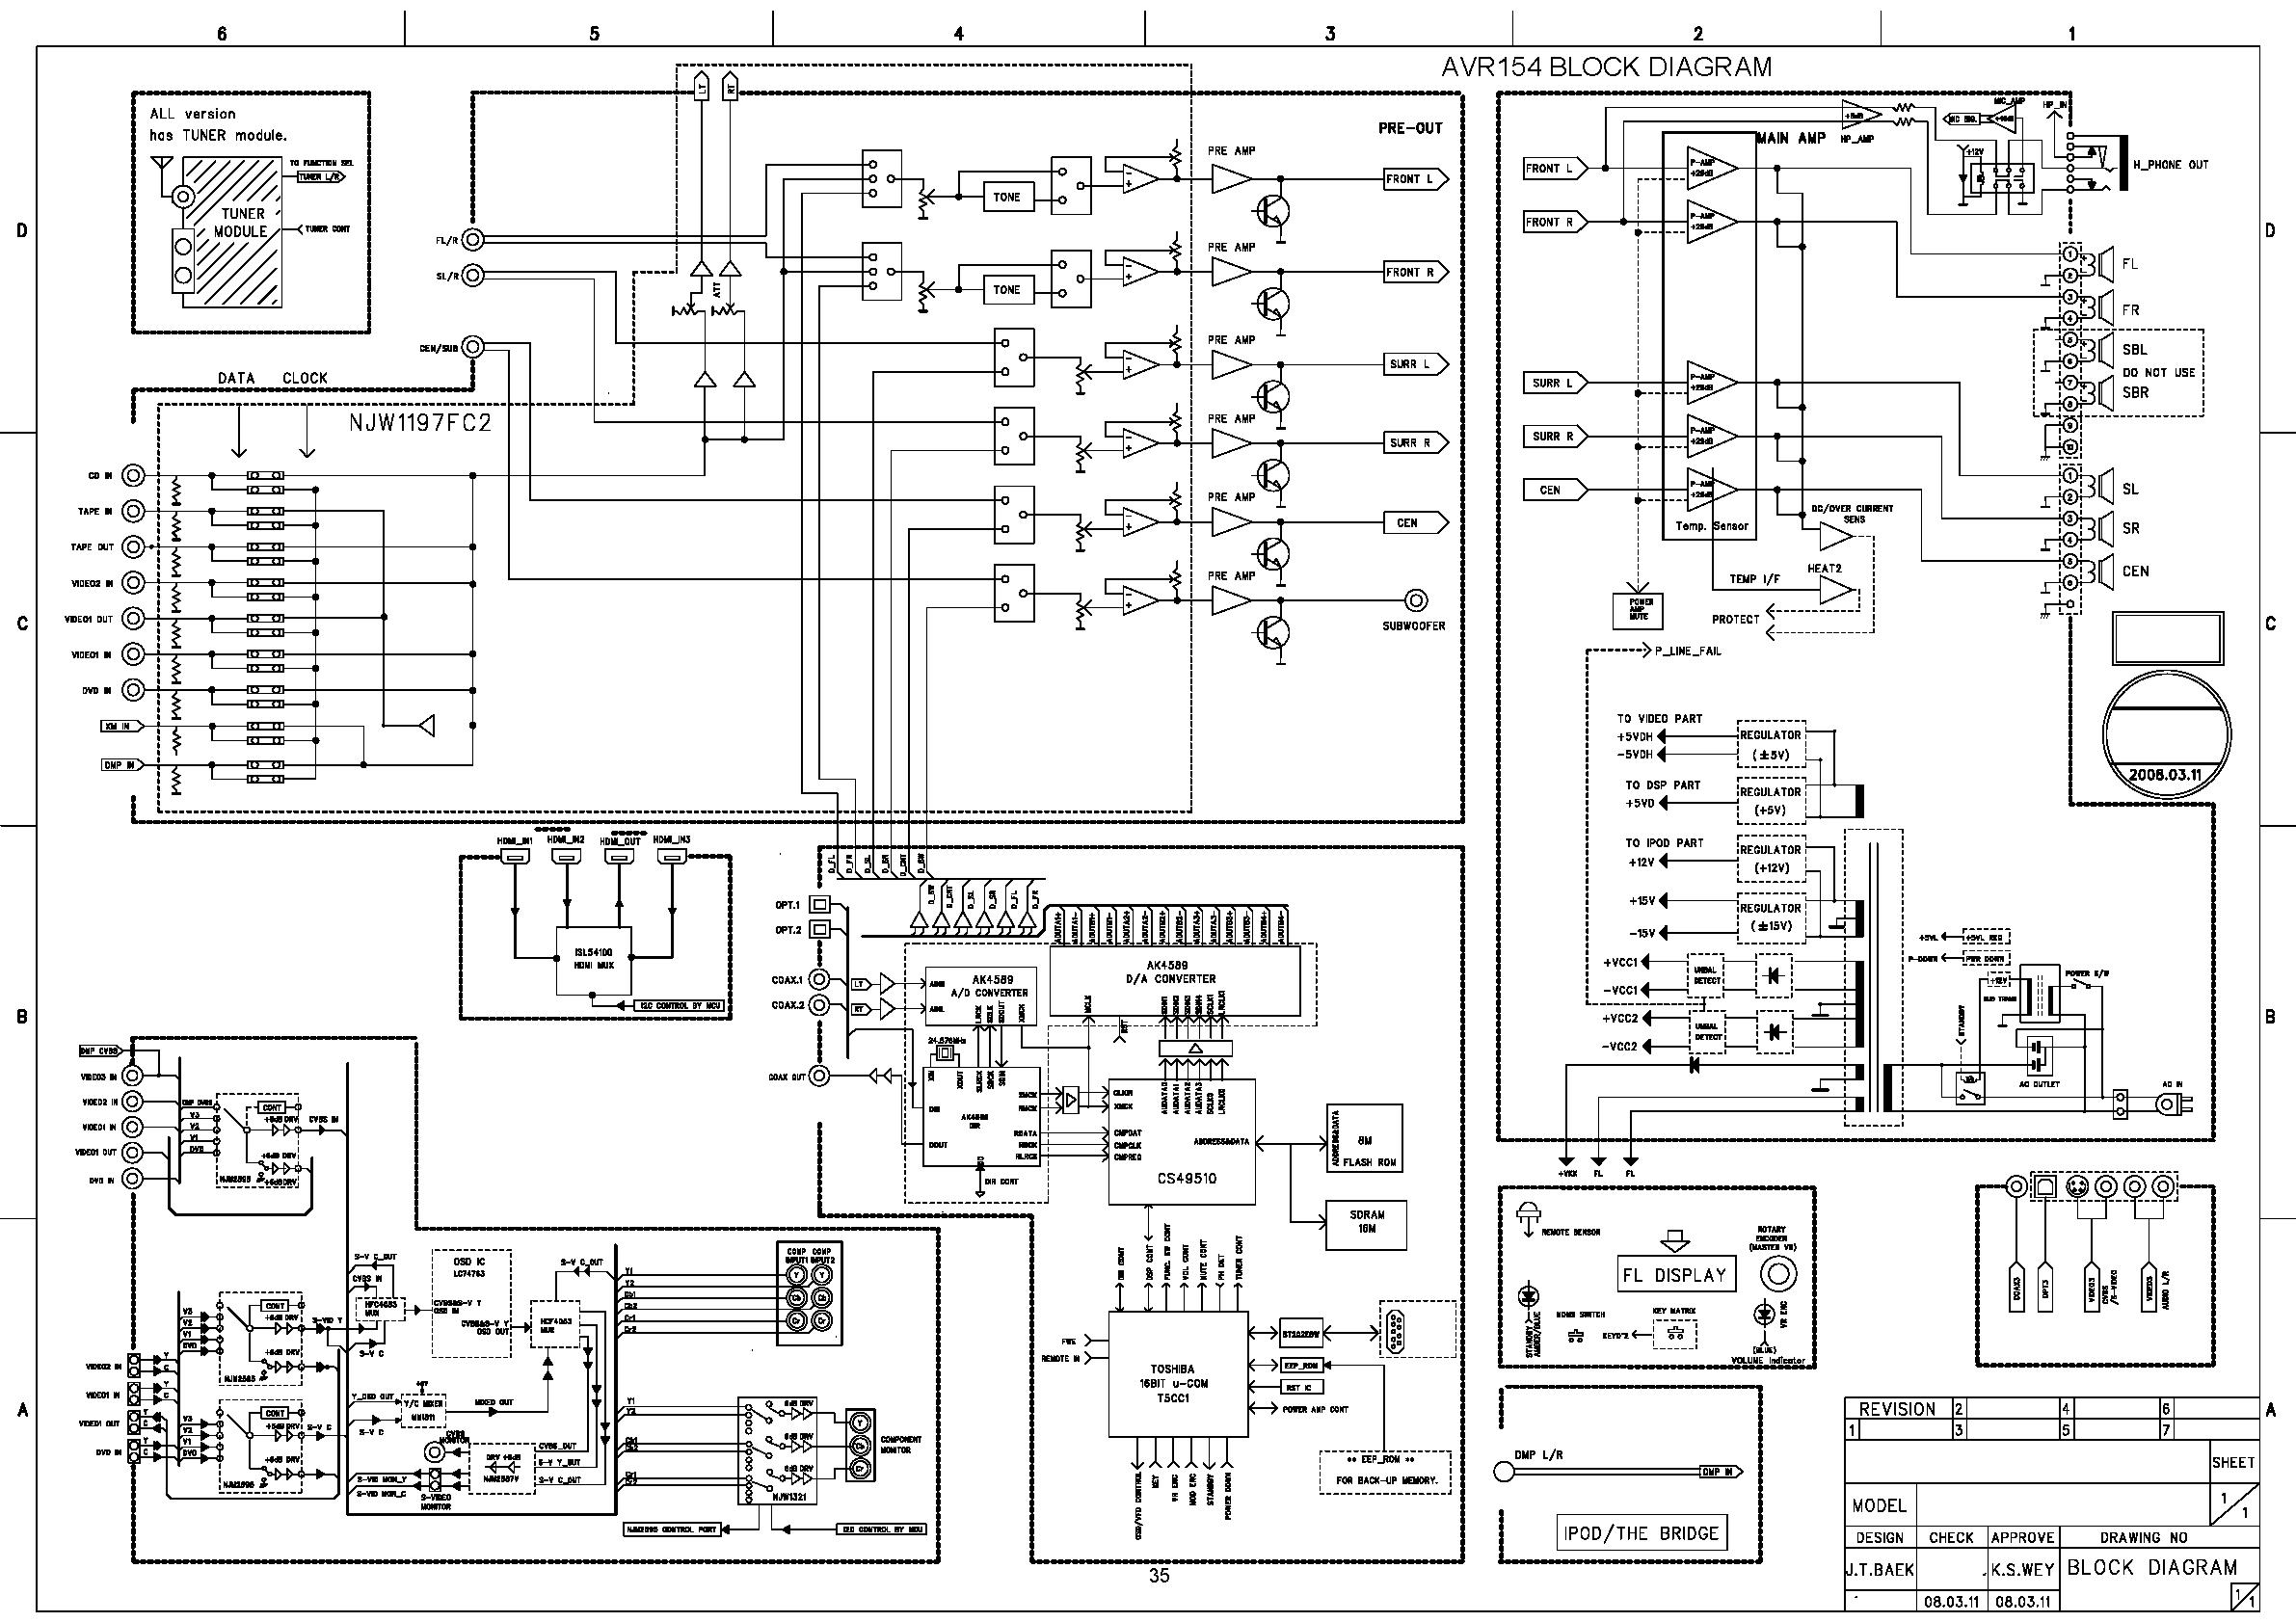 mitsubishi triton wiring diagram pdf on wiring diagram rh 16 bnfgh coolerbayer de mitsubishi triton radio wiring diagram pdf